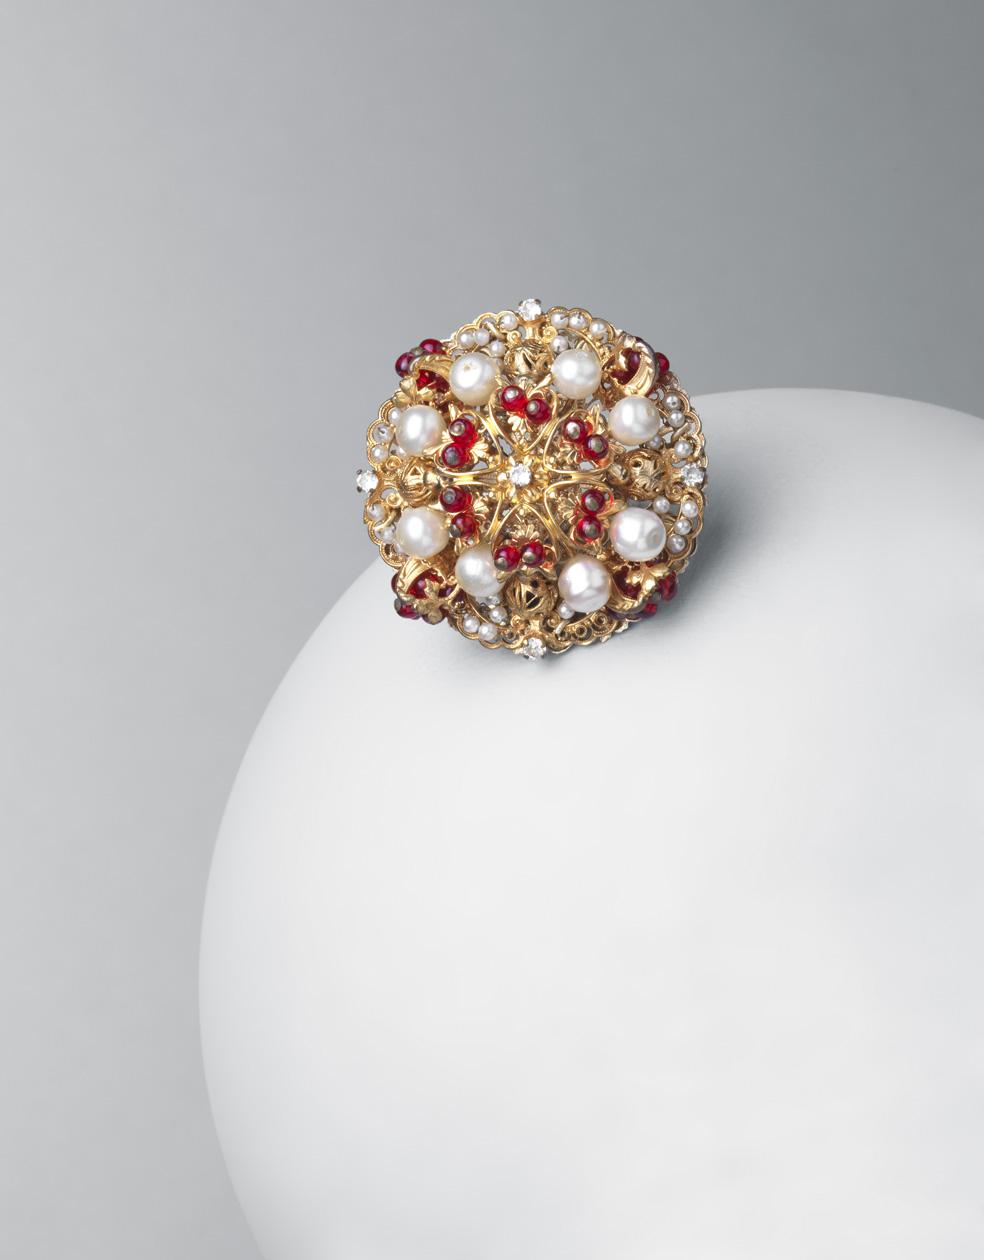 Broche-colgante. Metal dorado, cristales rojos y perlas